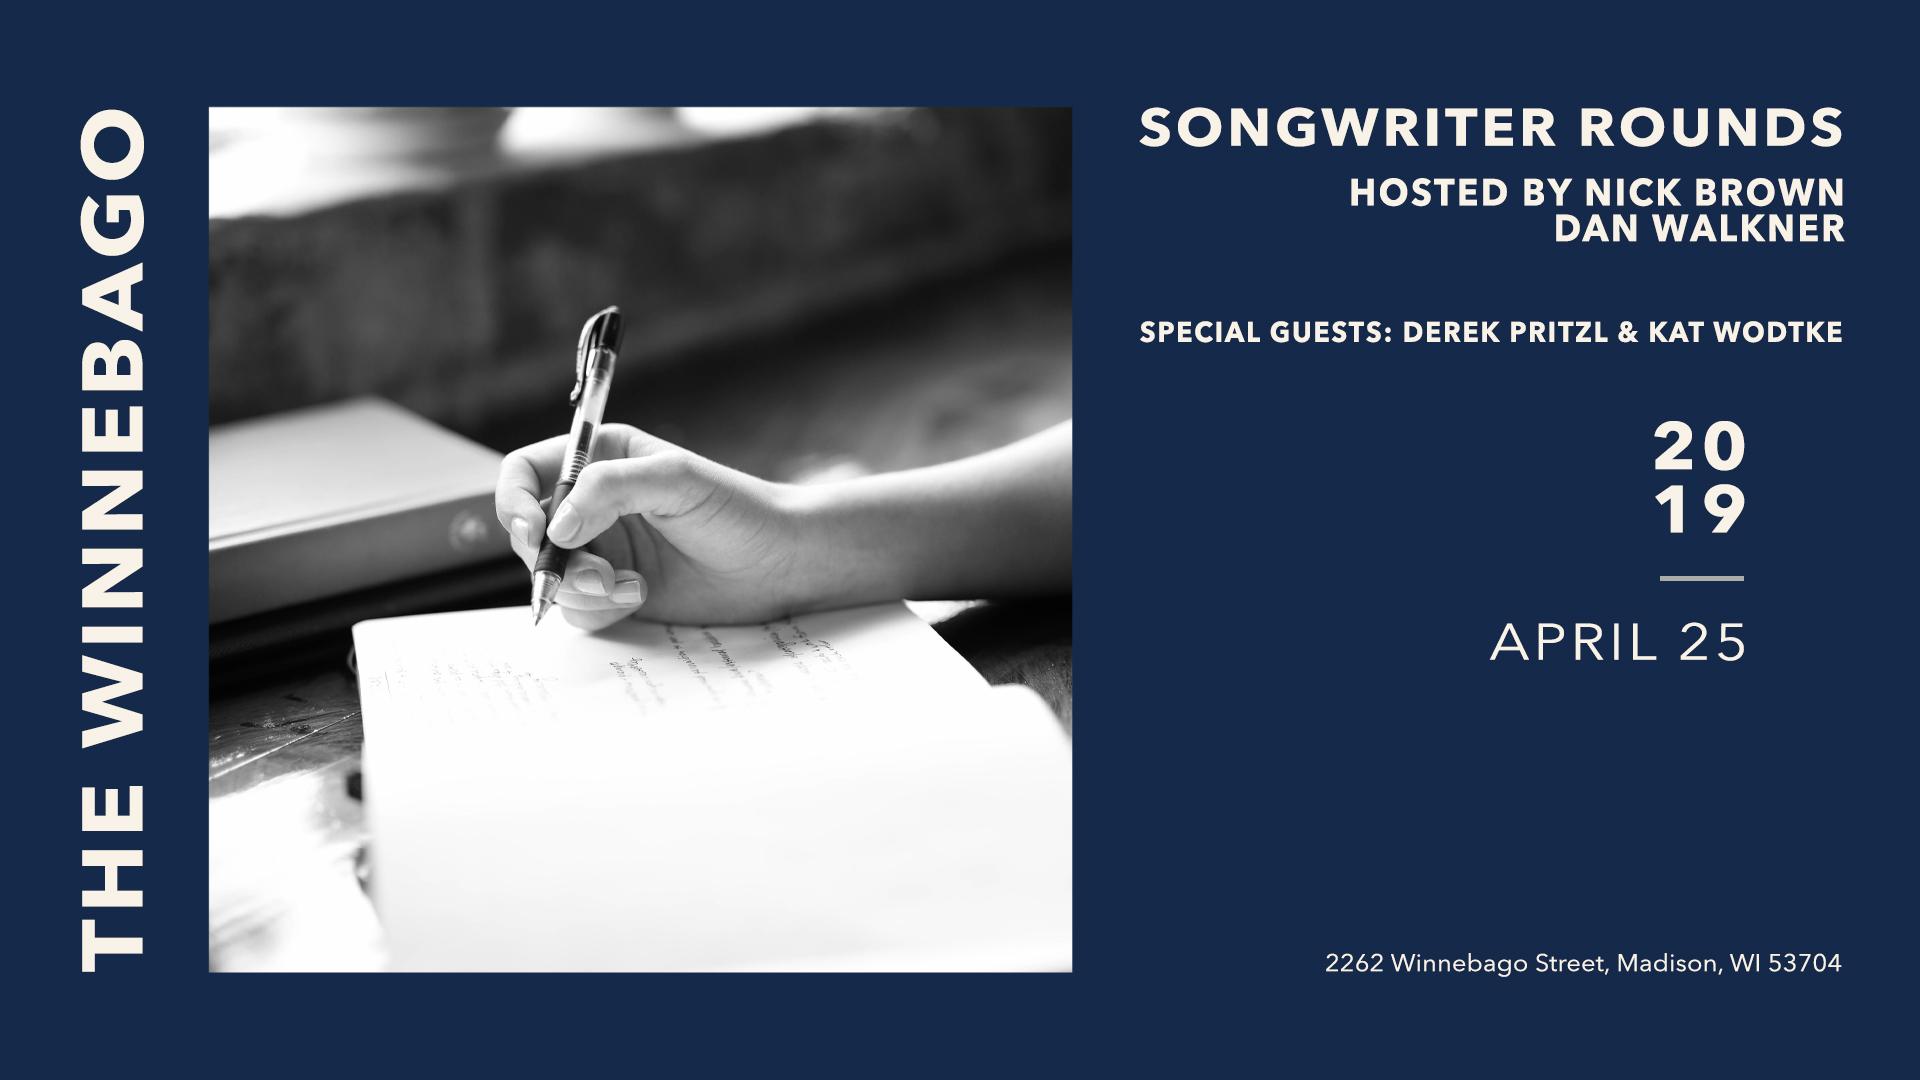 Songwriter-Rounds-1.jpg